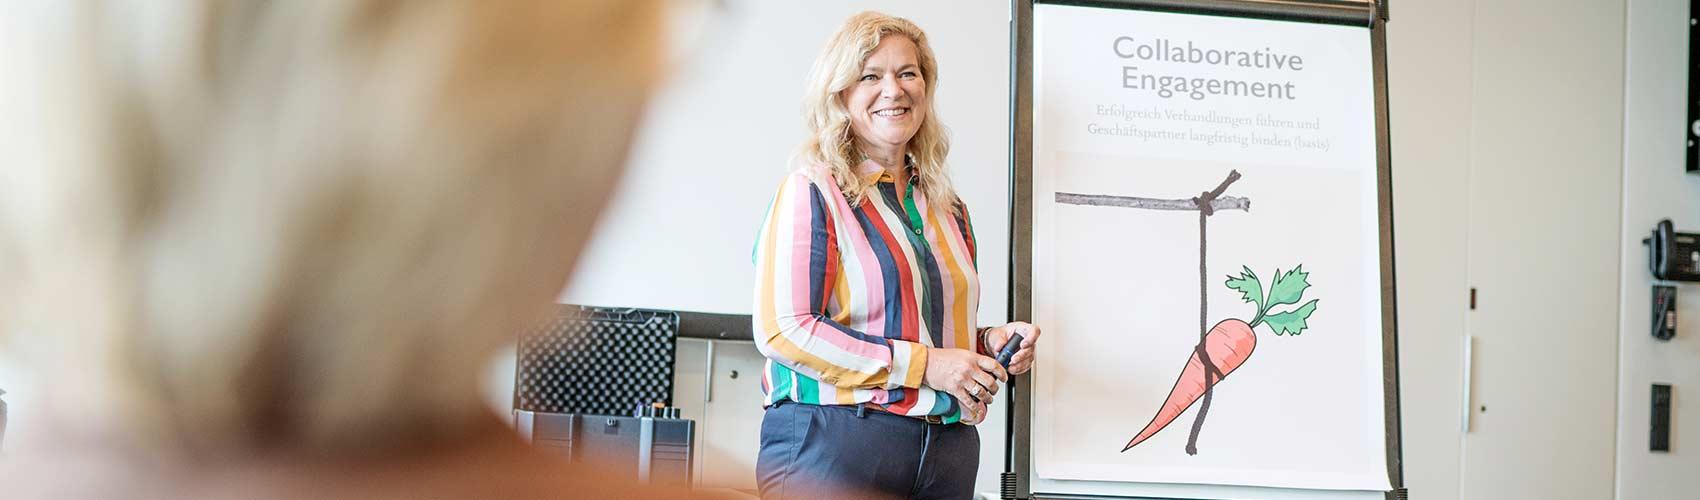 Offenes Präsentationsseminar von Jutta Lehmann-Willenbrock